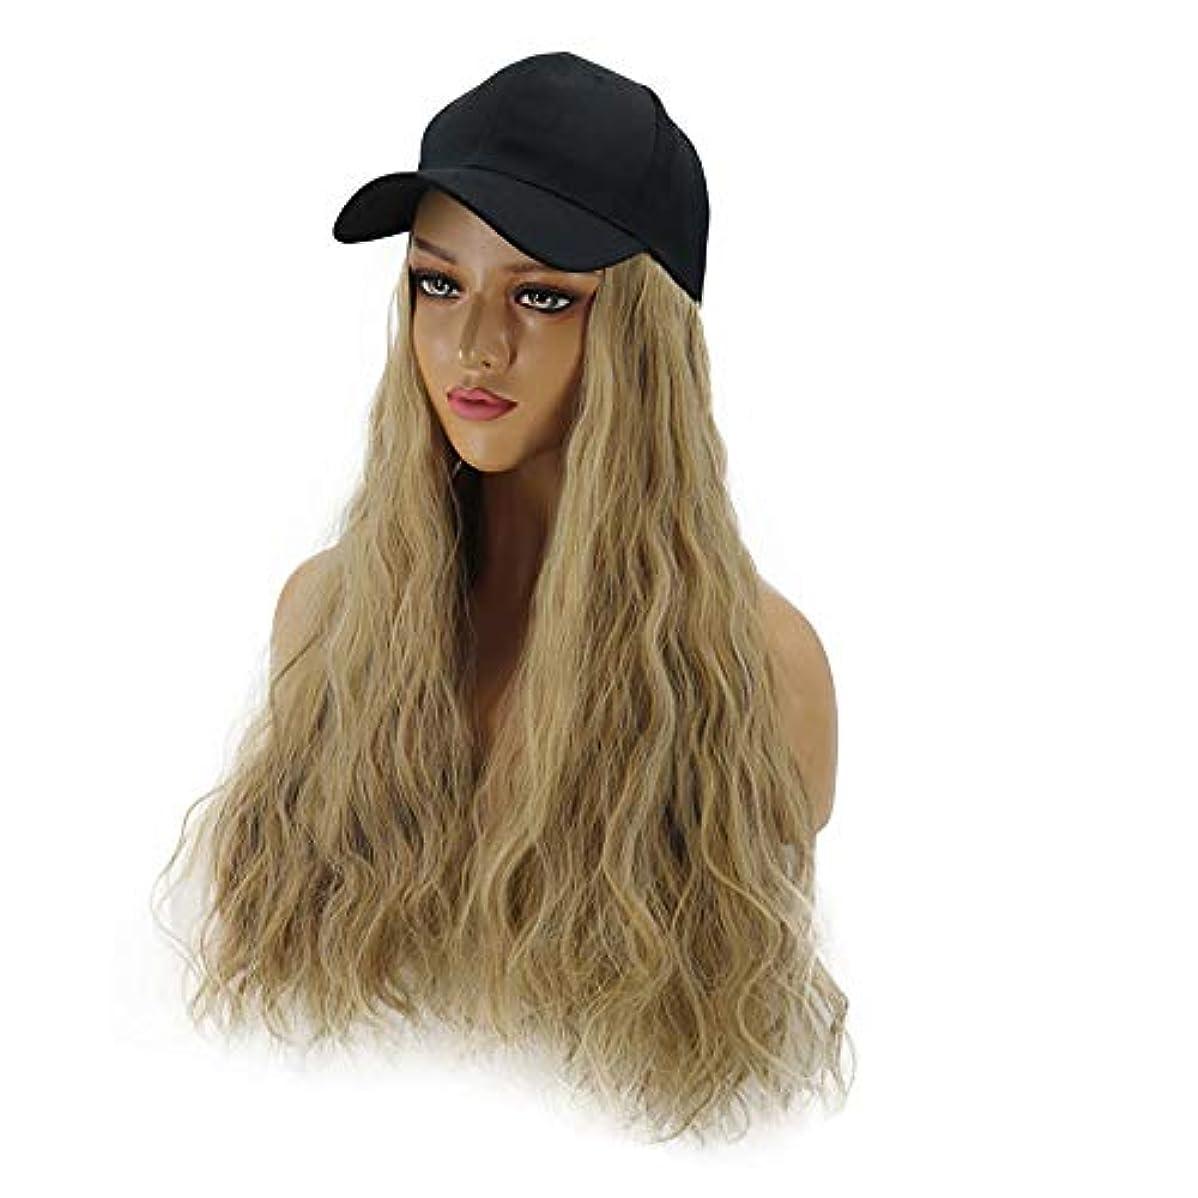 フォルダレギュラー永続HAILAN HOME-かつら ファッション女性ウィッグハットワンピース帽子ウィッグコーン型パーマミックスアンバー/ブラウン簡単ワンピース取り外し可能